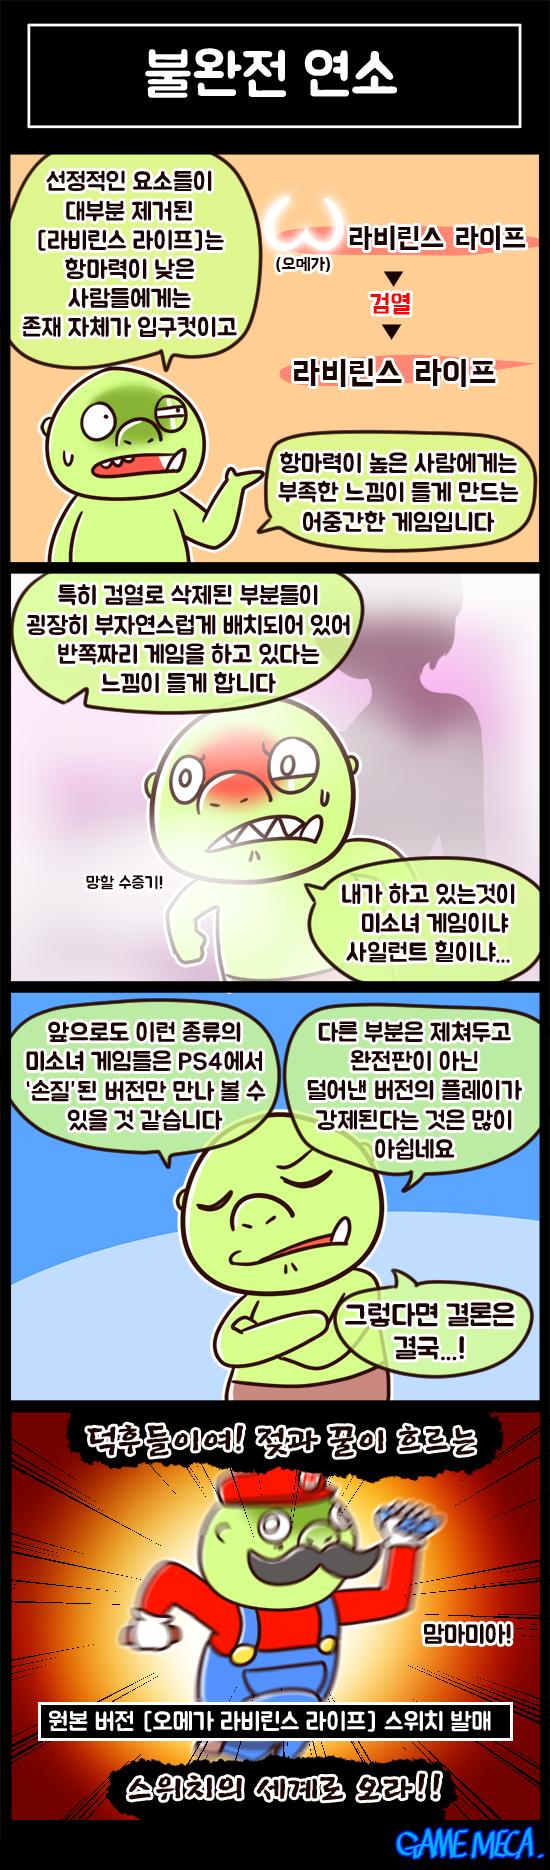 노8리뷰 노동8호 노동팔호